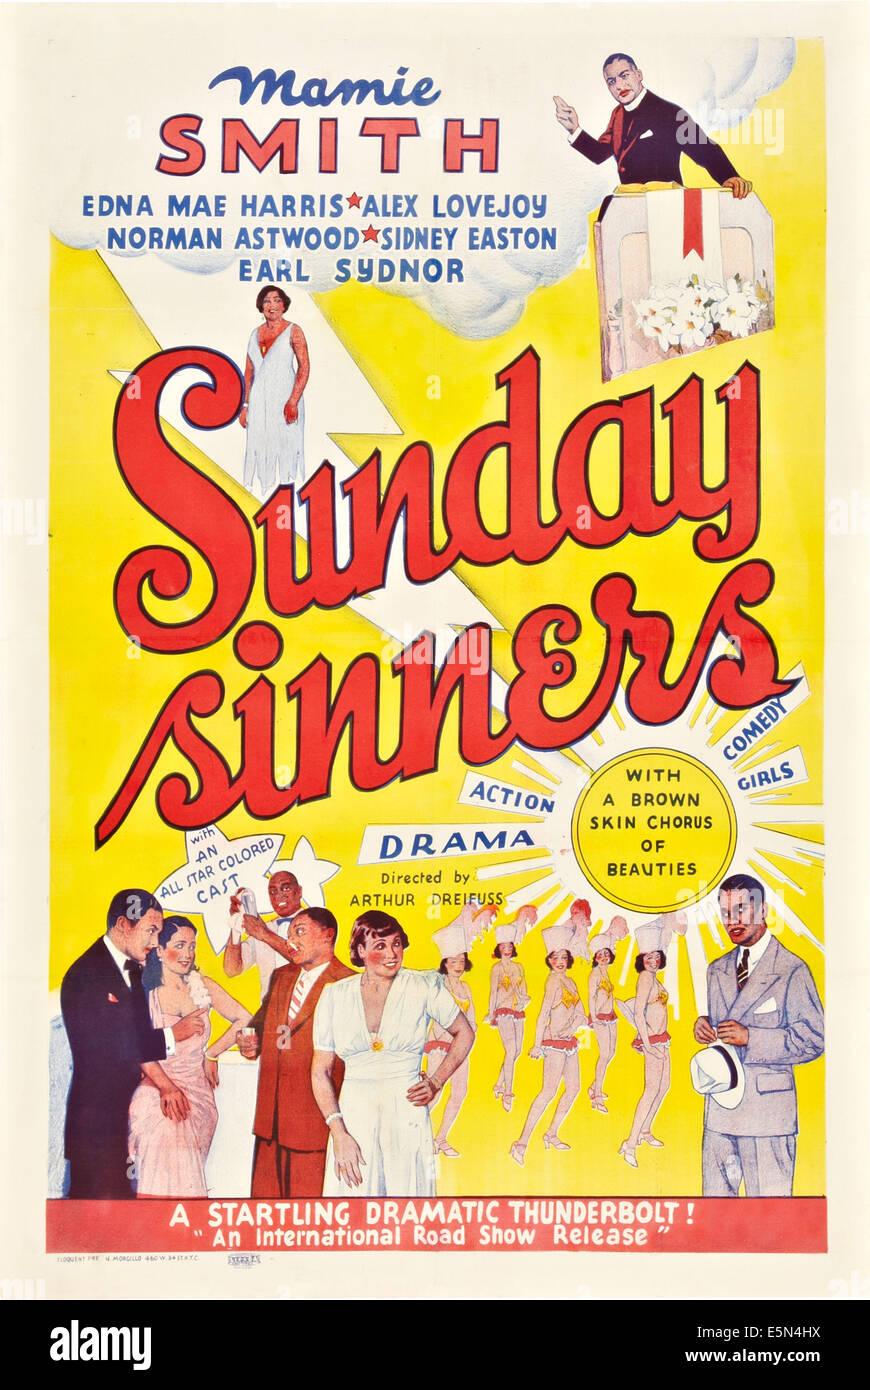 Les pécheurs du dimanche, l'affiche, 1940 Photo Stock